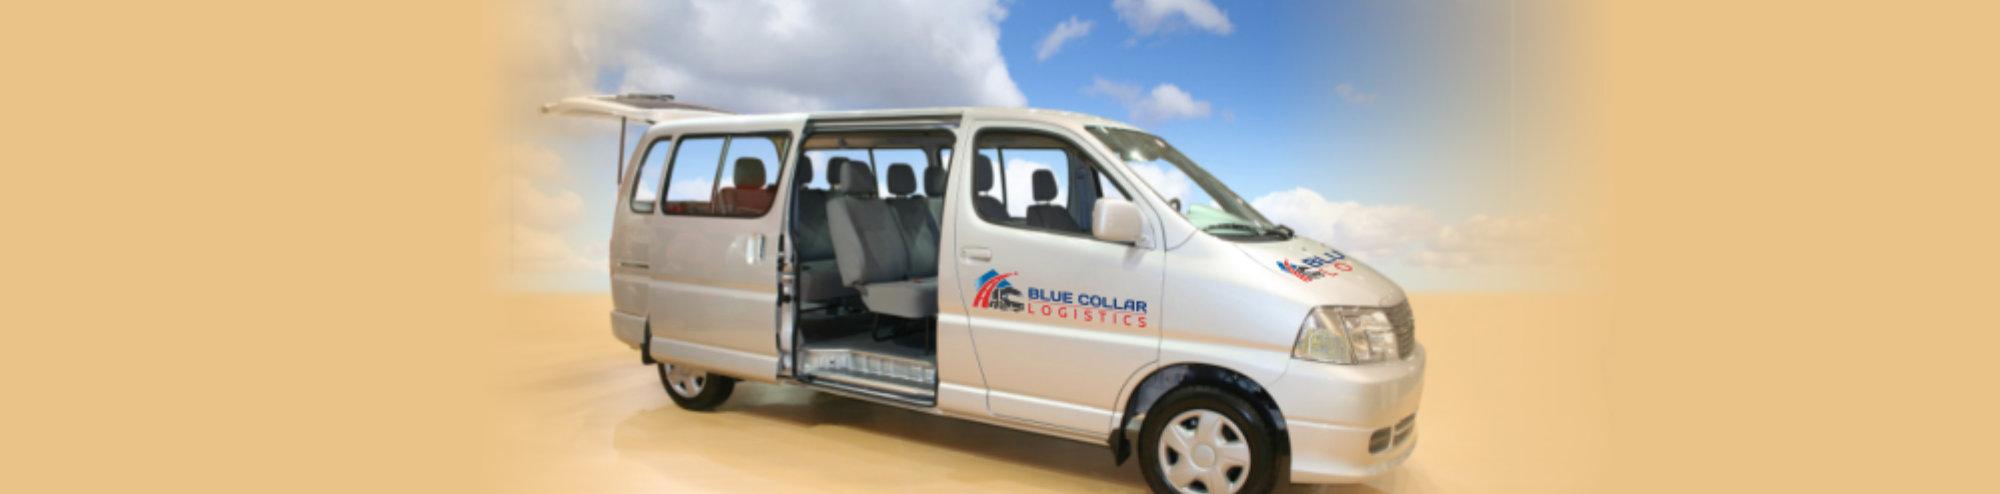 Passenger grey Vans